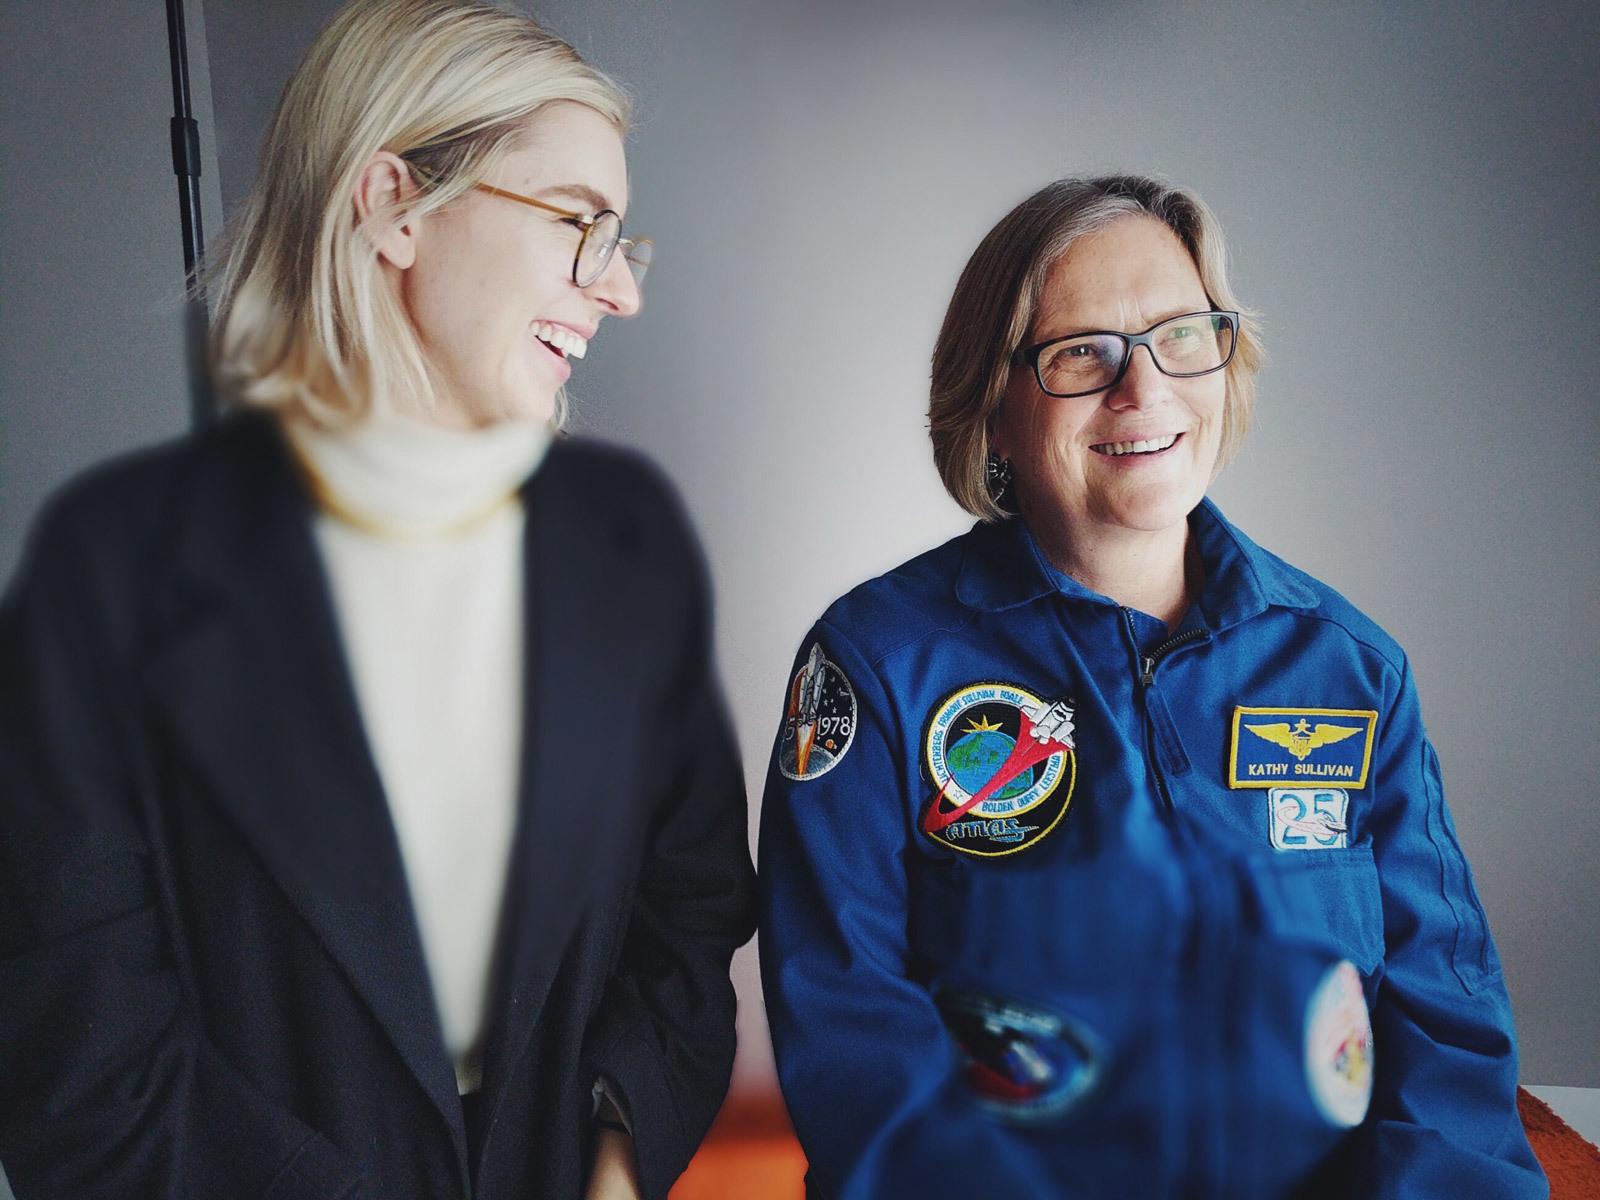 Eliza McNitt e Kathy Sullivan